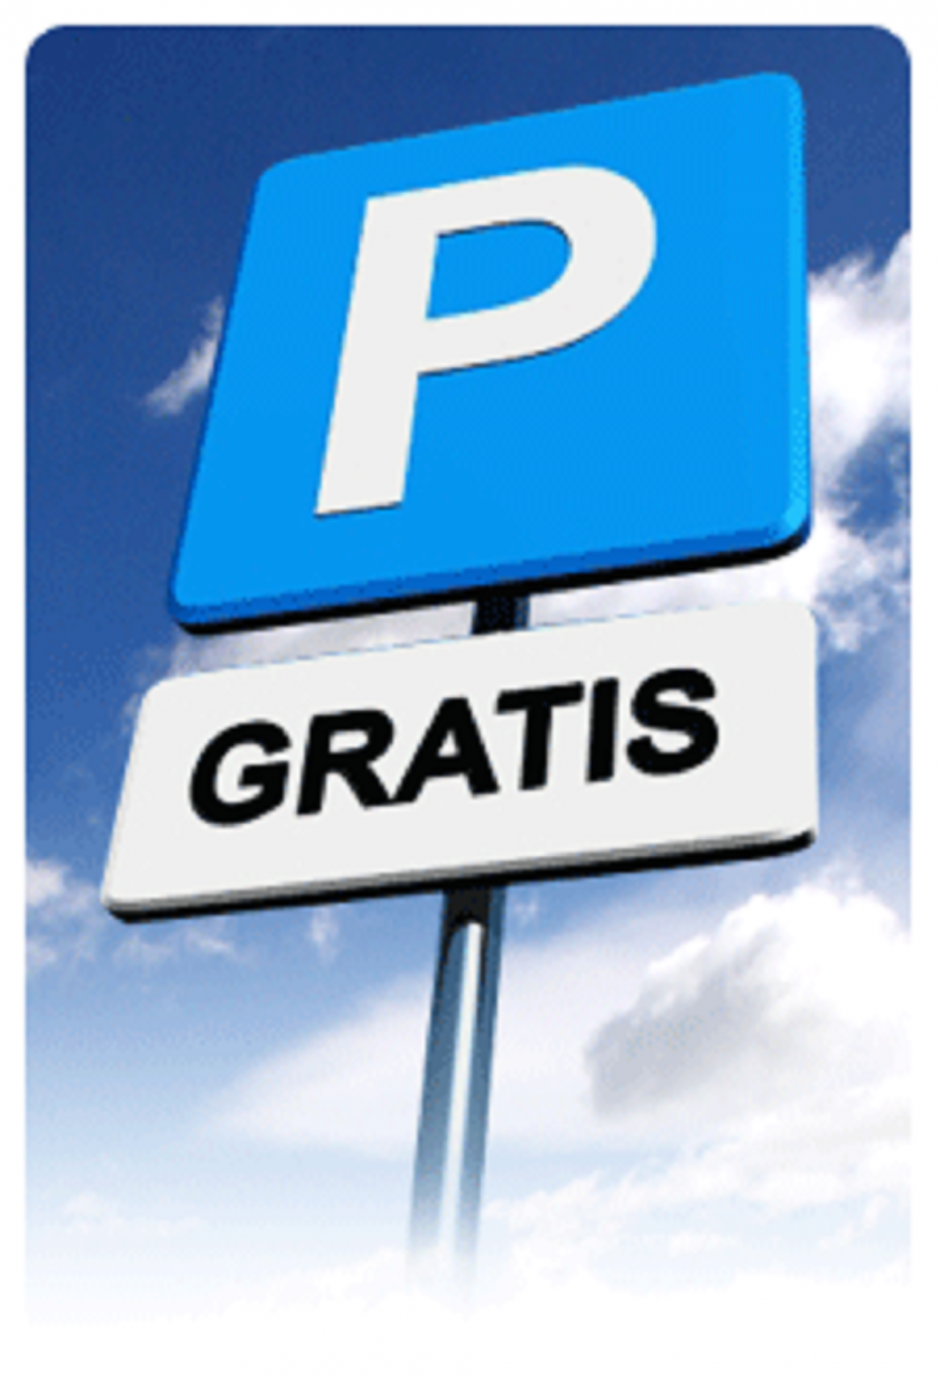 Pemberlakuan Bebas Biaya Parkir Untuk Dosen, Tenaga Kependidikan, dan Mahasiswa UM